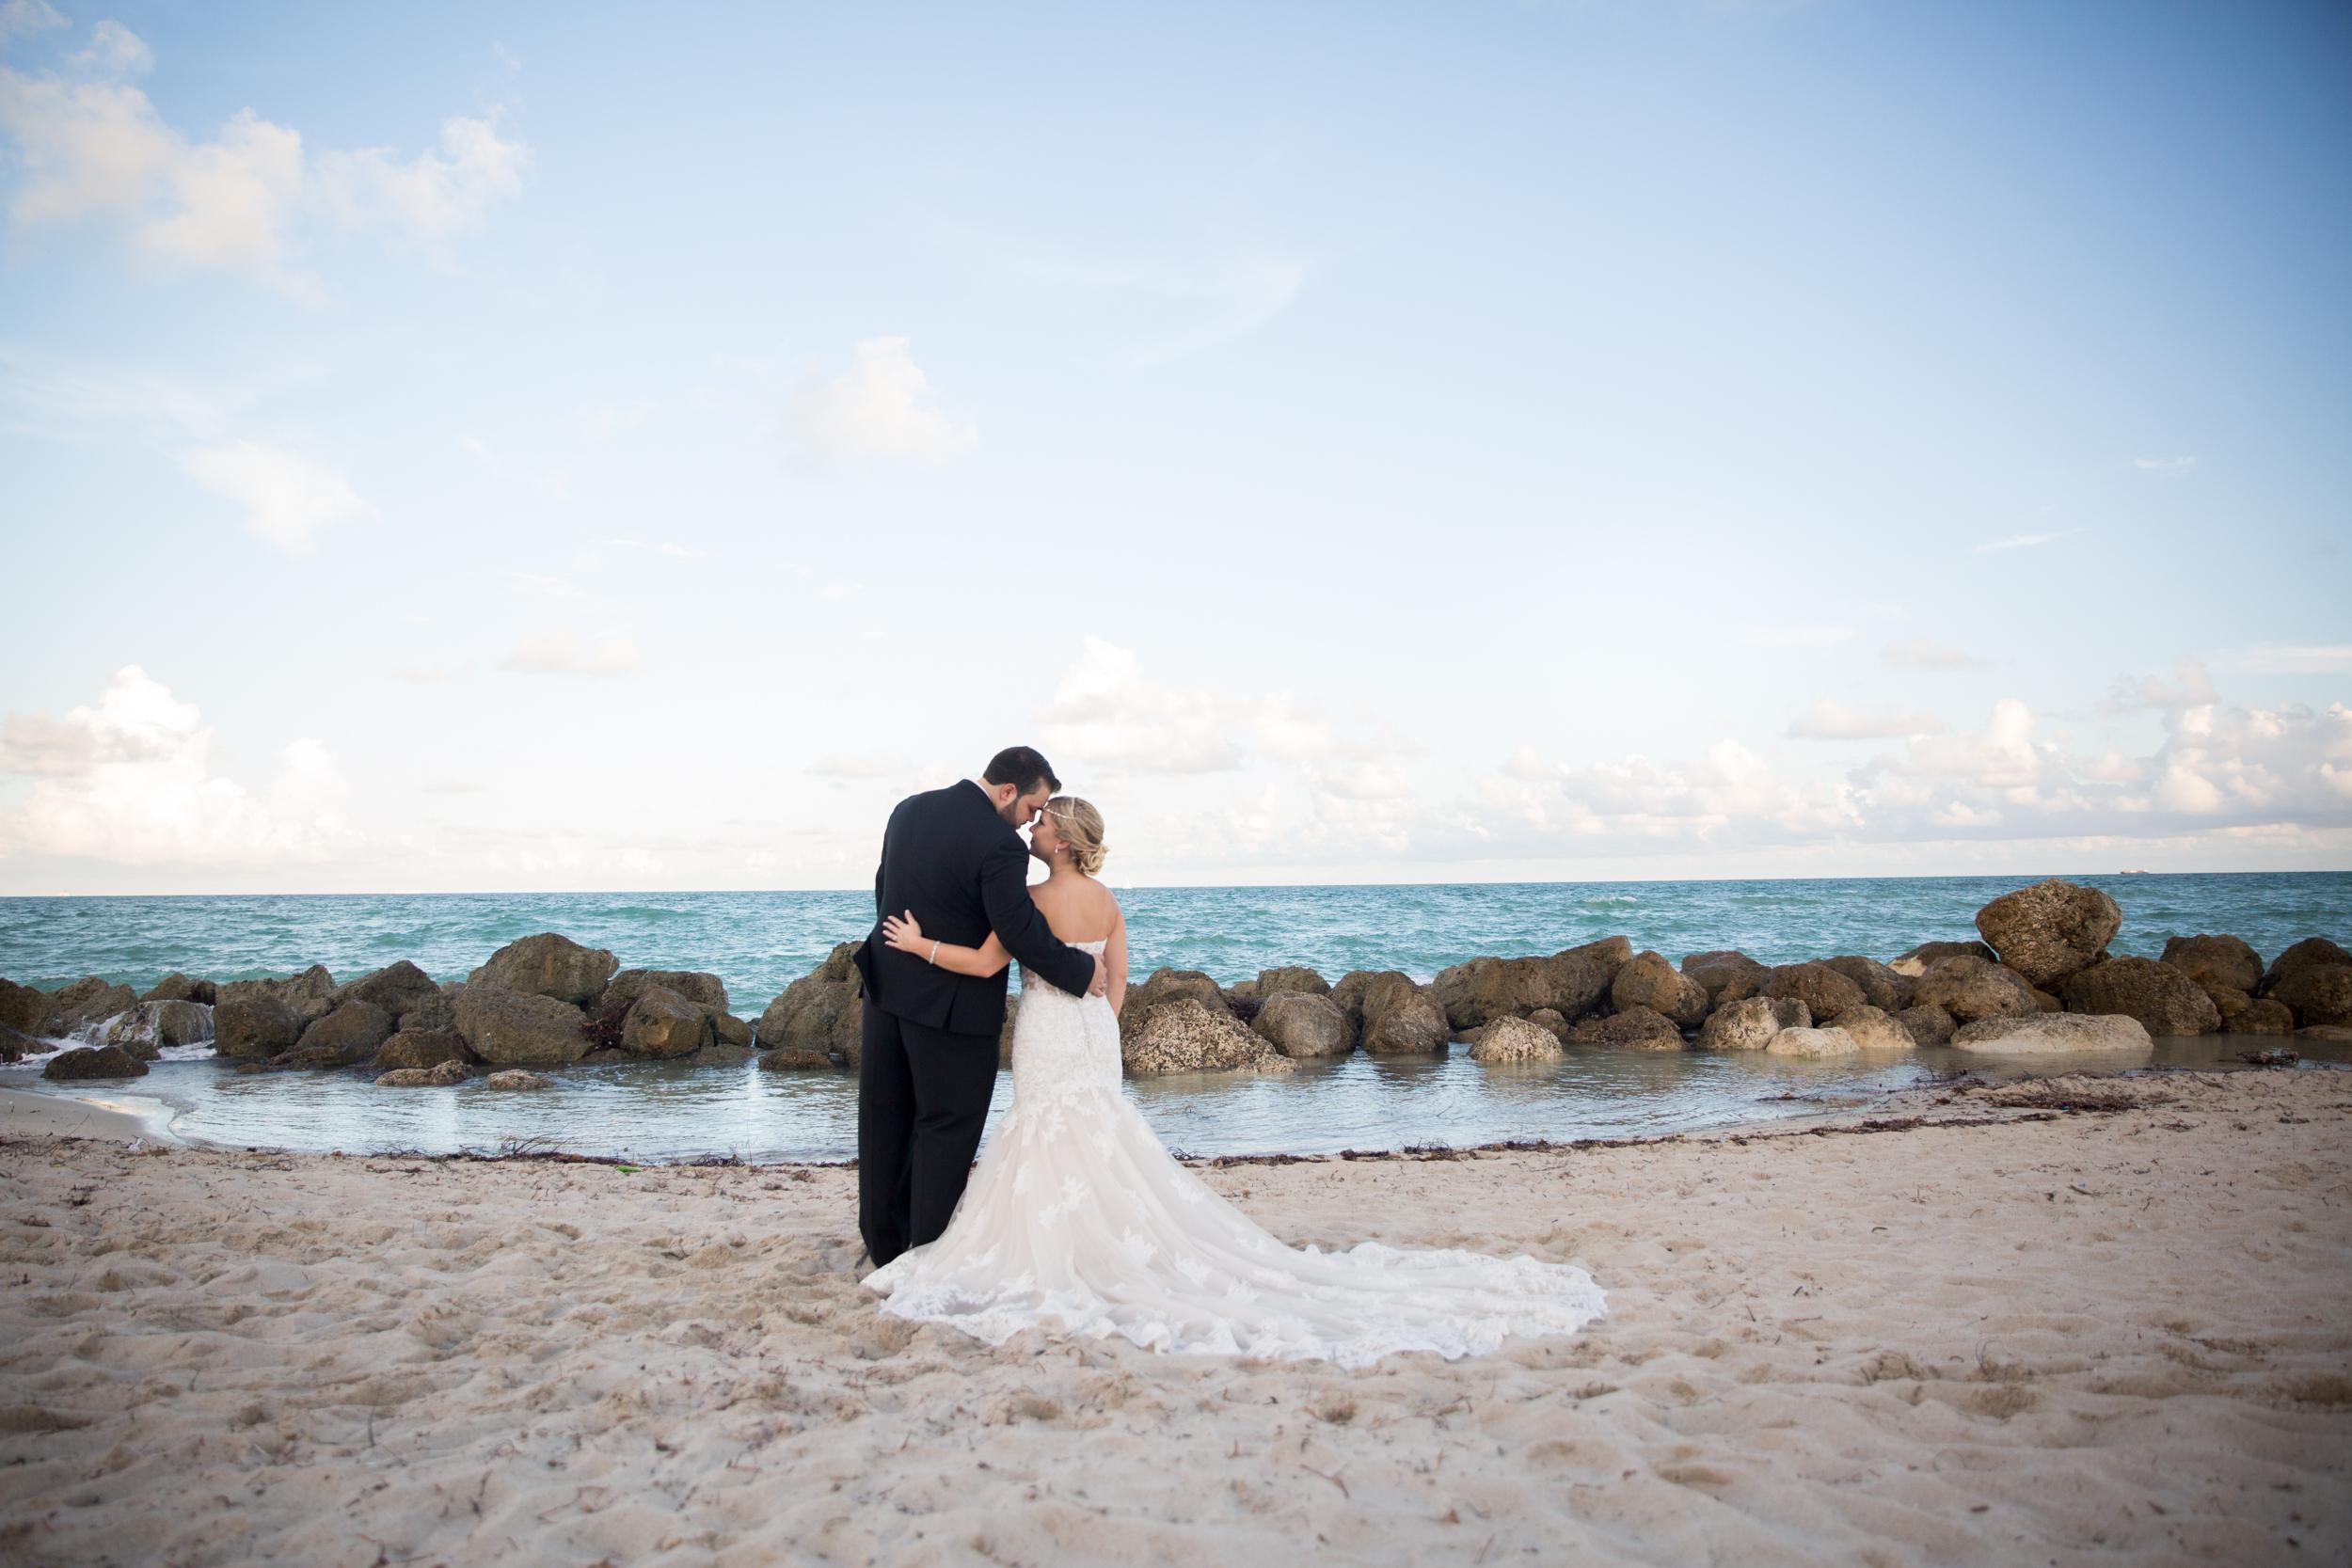 10-14-17_AshleyRichard_Wedding-102.jpg